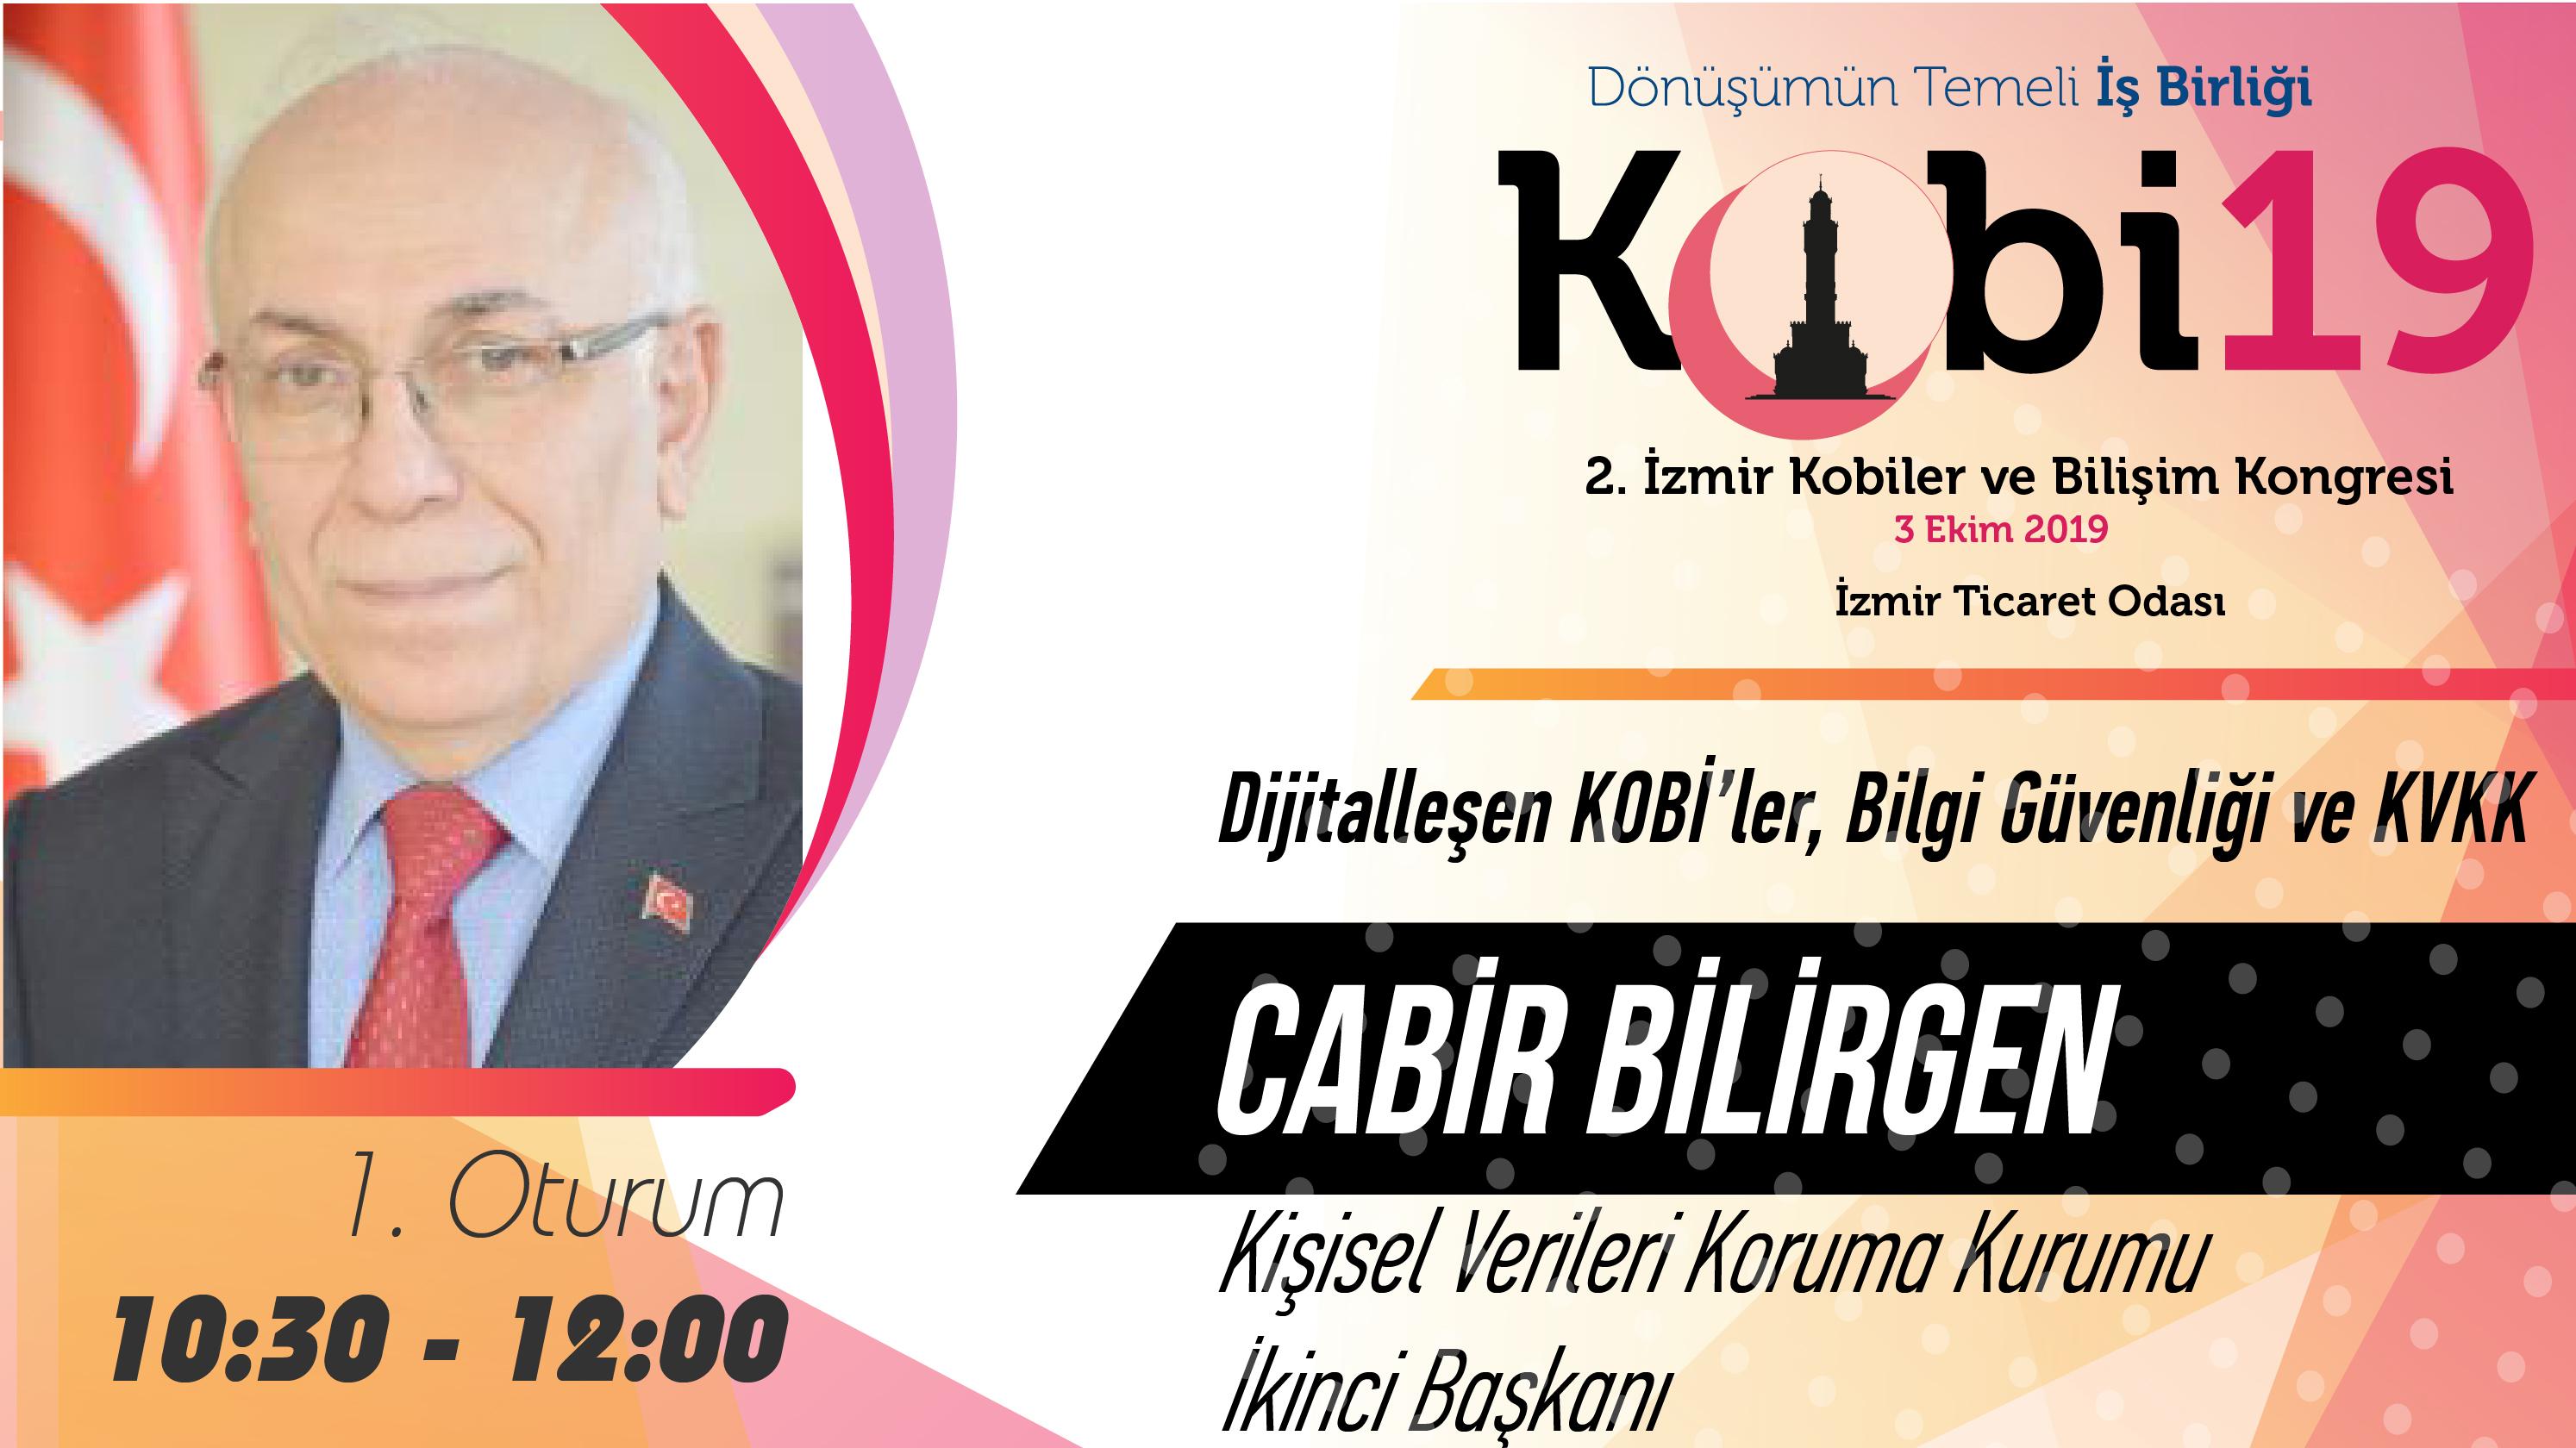 Cabir BİLİRGEN - 2. İzmir Kobiler ve Bilişim Kongresi 2019